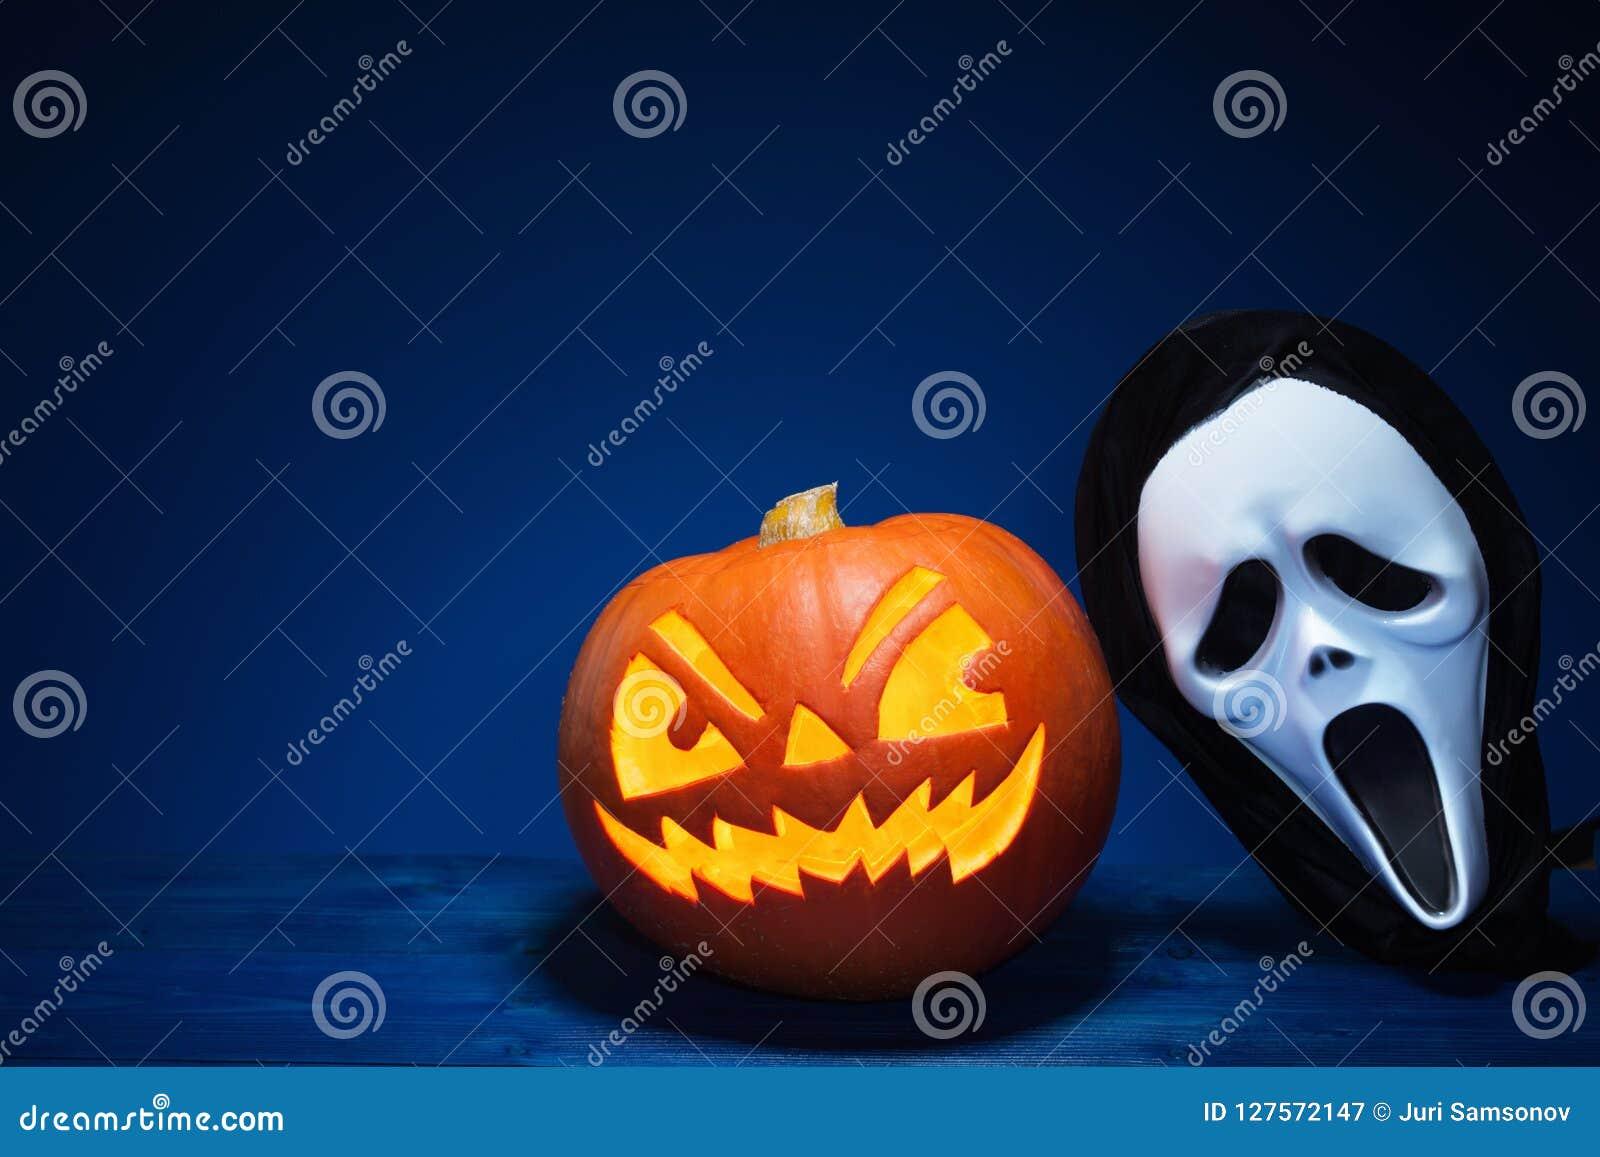 Pompoen En Halloween.De Pompoen En Het Masker Van Halloween Stock Afbeelding